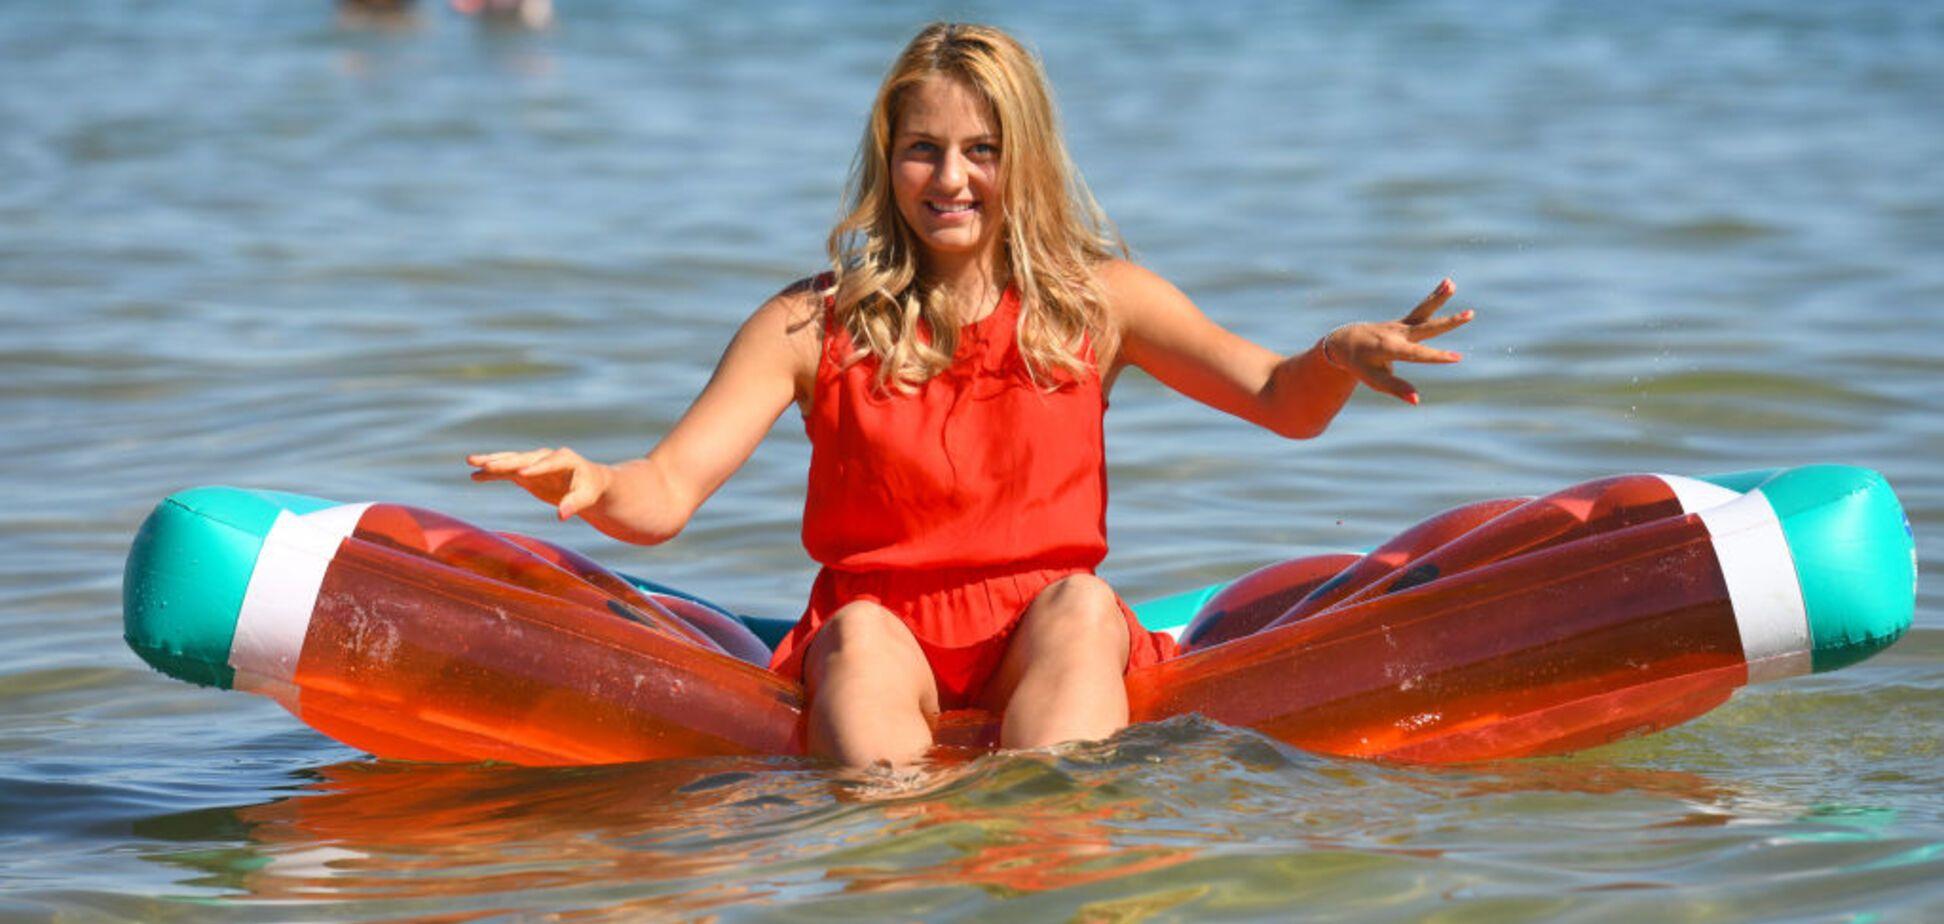 Девушка дня: 15-летняя украинка, ставшая сенсацией Australian Open, снялась в яркой фотосессии на берегу озера